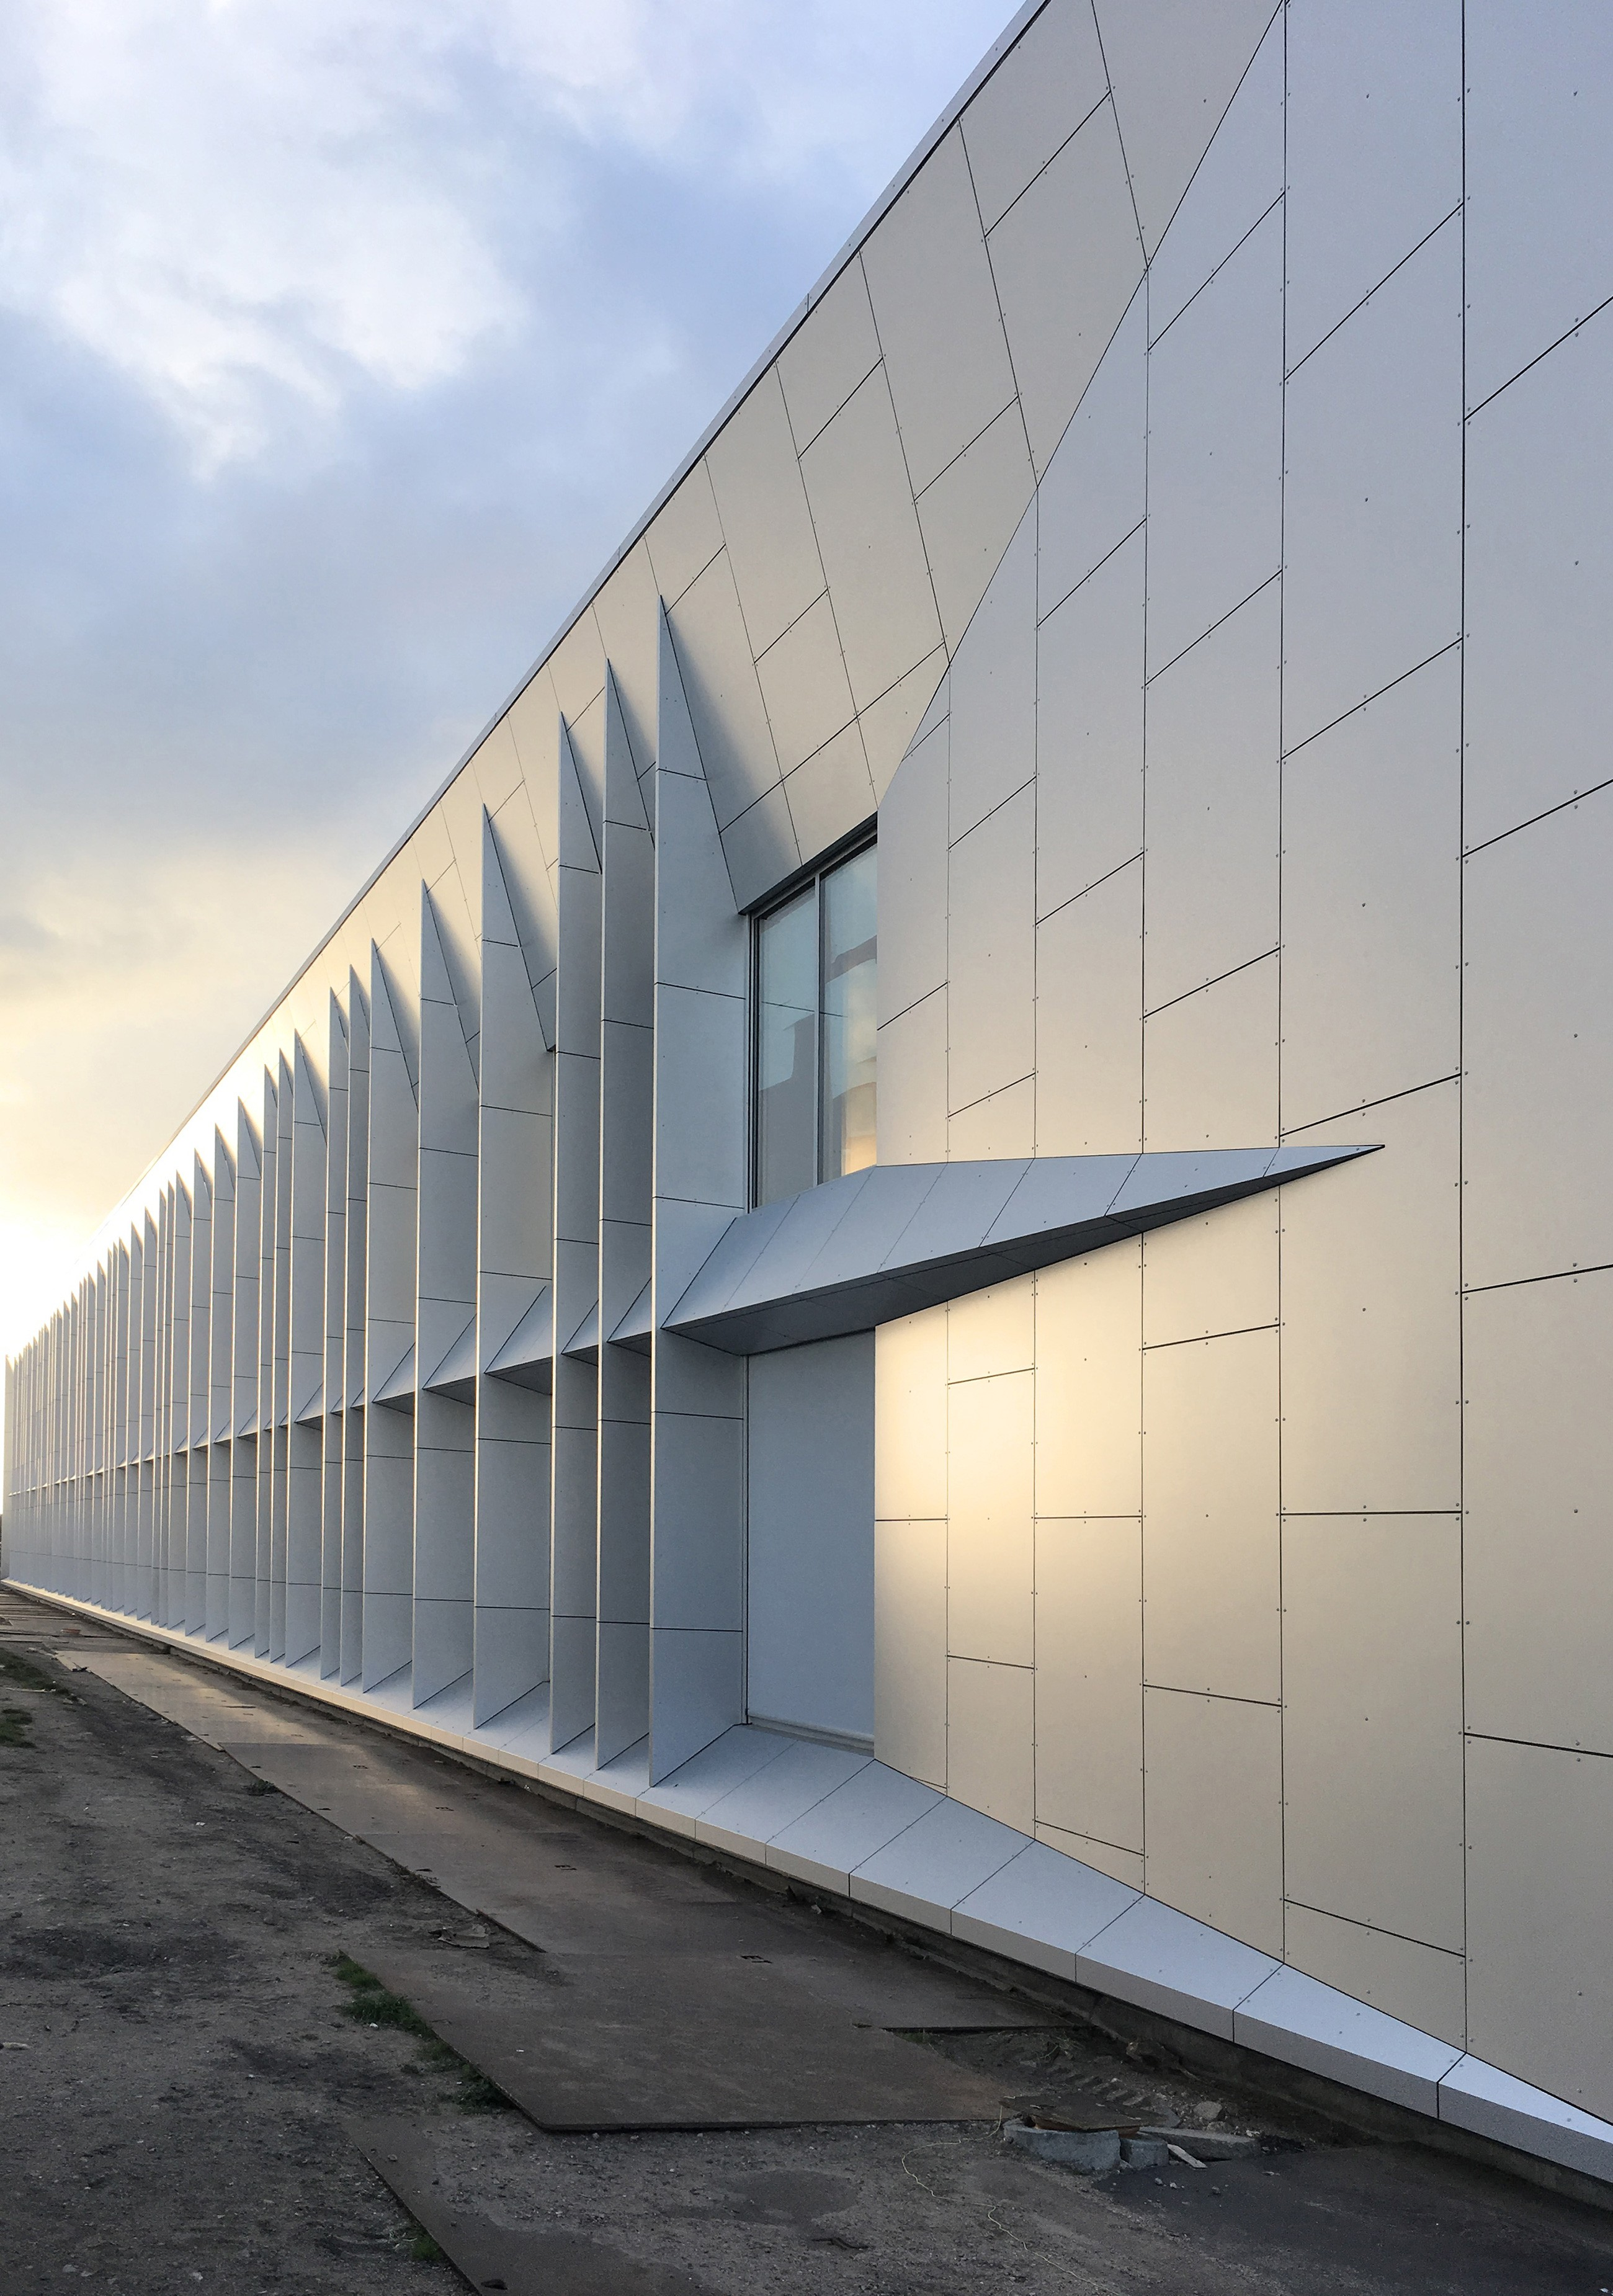 ONV-arkitekter-Odsherred-Rådhus-3 præfab kontorbyggeri kontor office